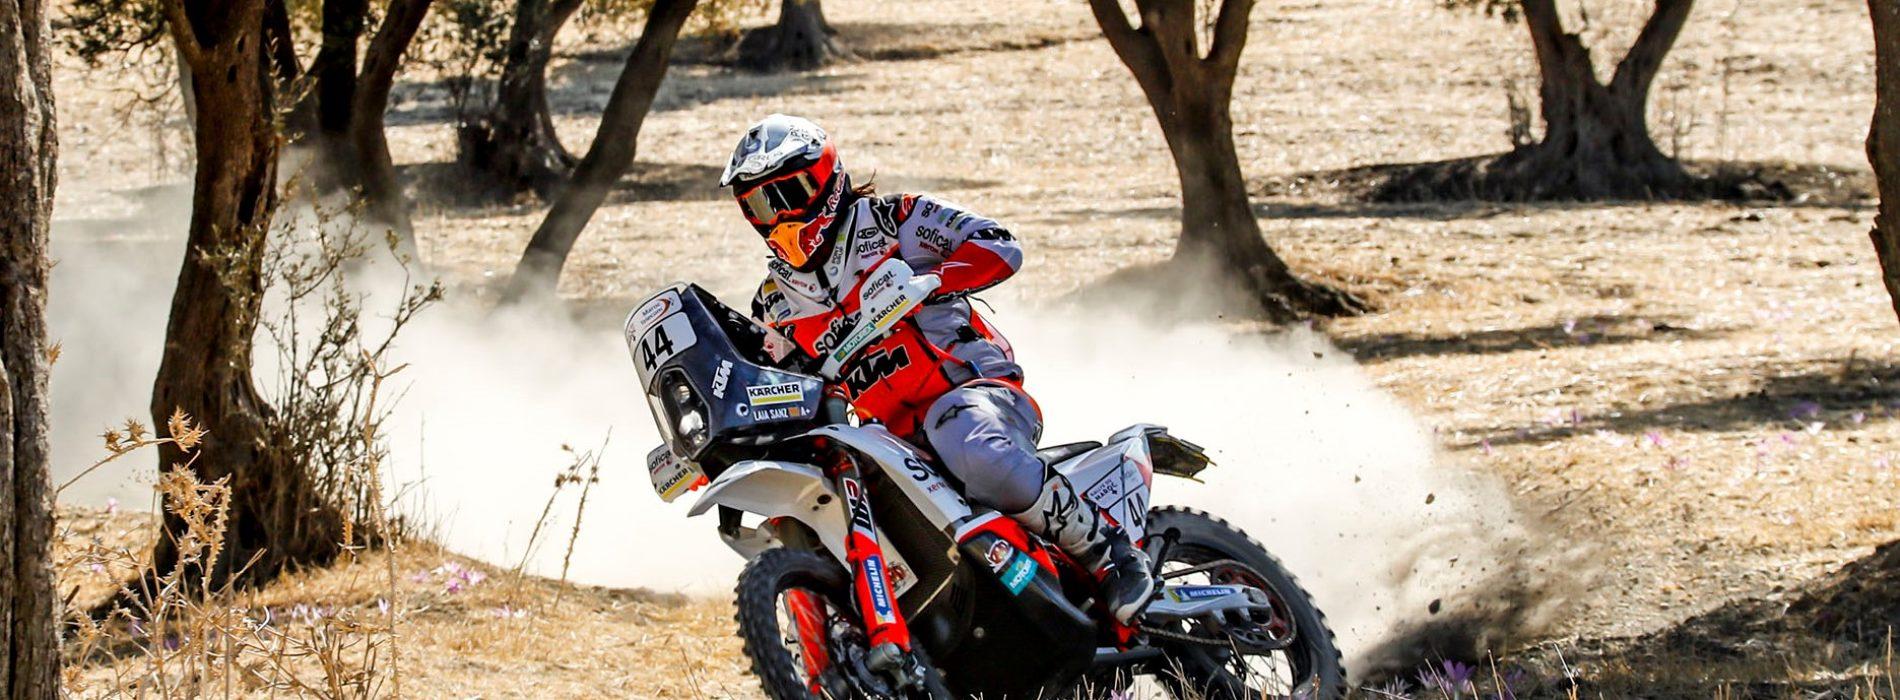 Rally Motor Credit >> Laia Sanz Rally Of Morocco Photo Credit 2 1900x700 C Asc